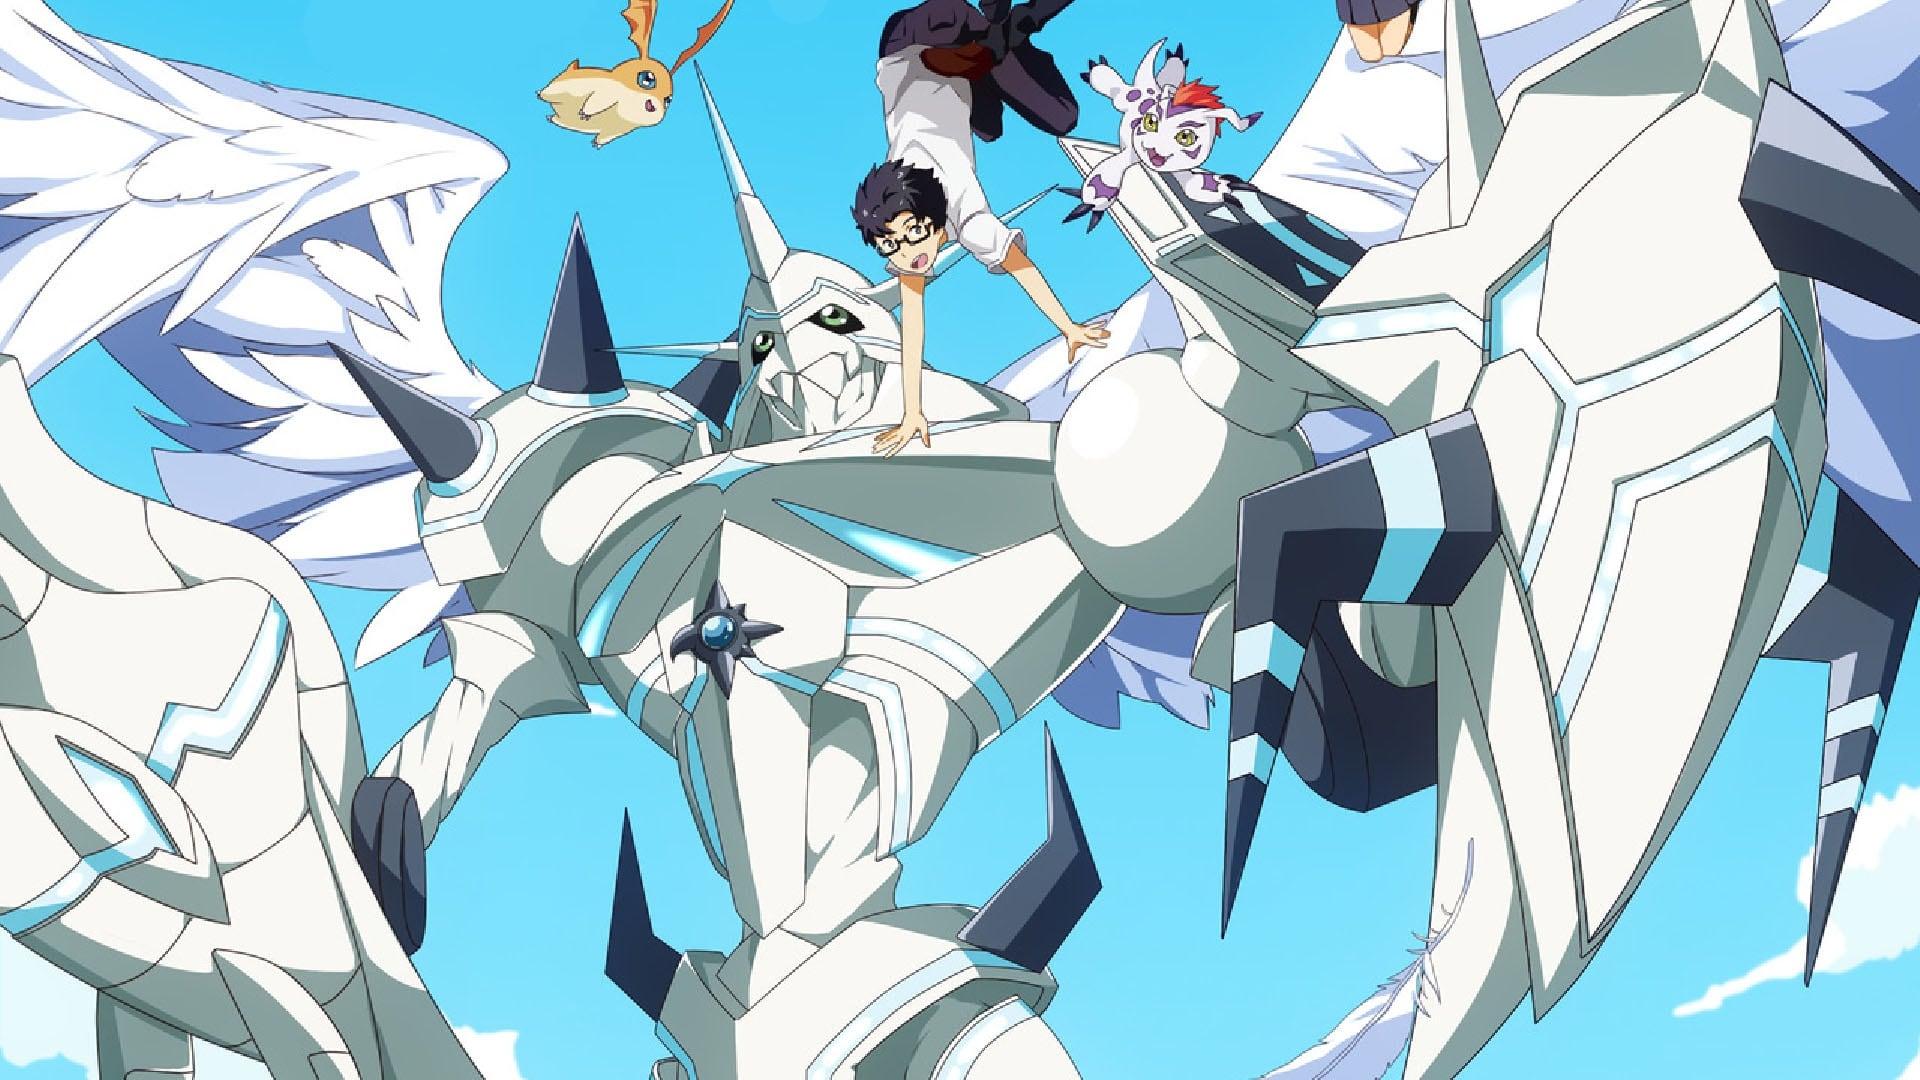 Digimon Adventure Tri. - Chapter 6: Future (2018)